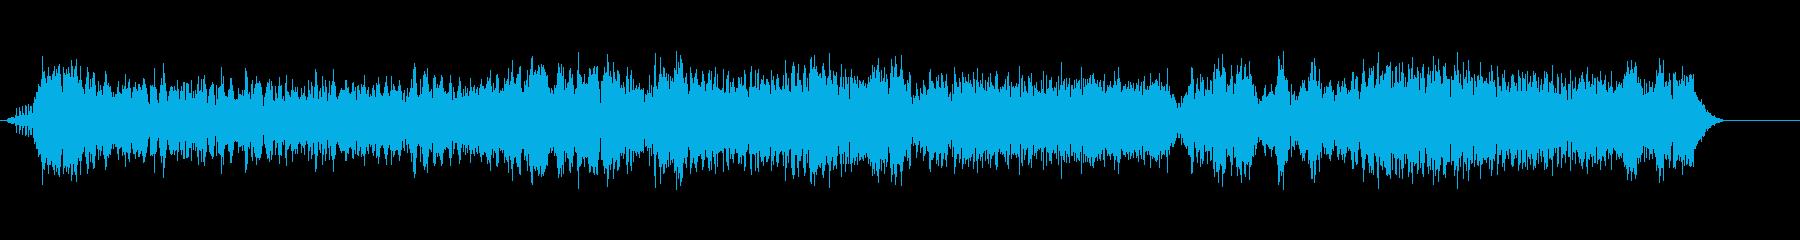 ナスカーレーシング;インテリア/ス...の再生済みの波形